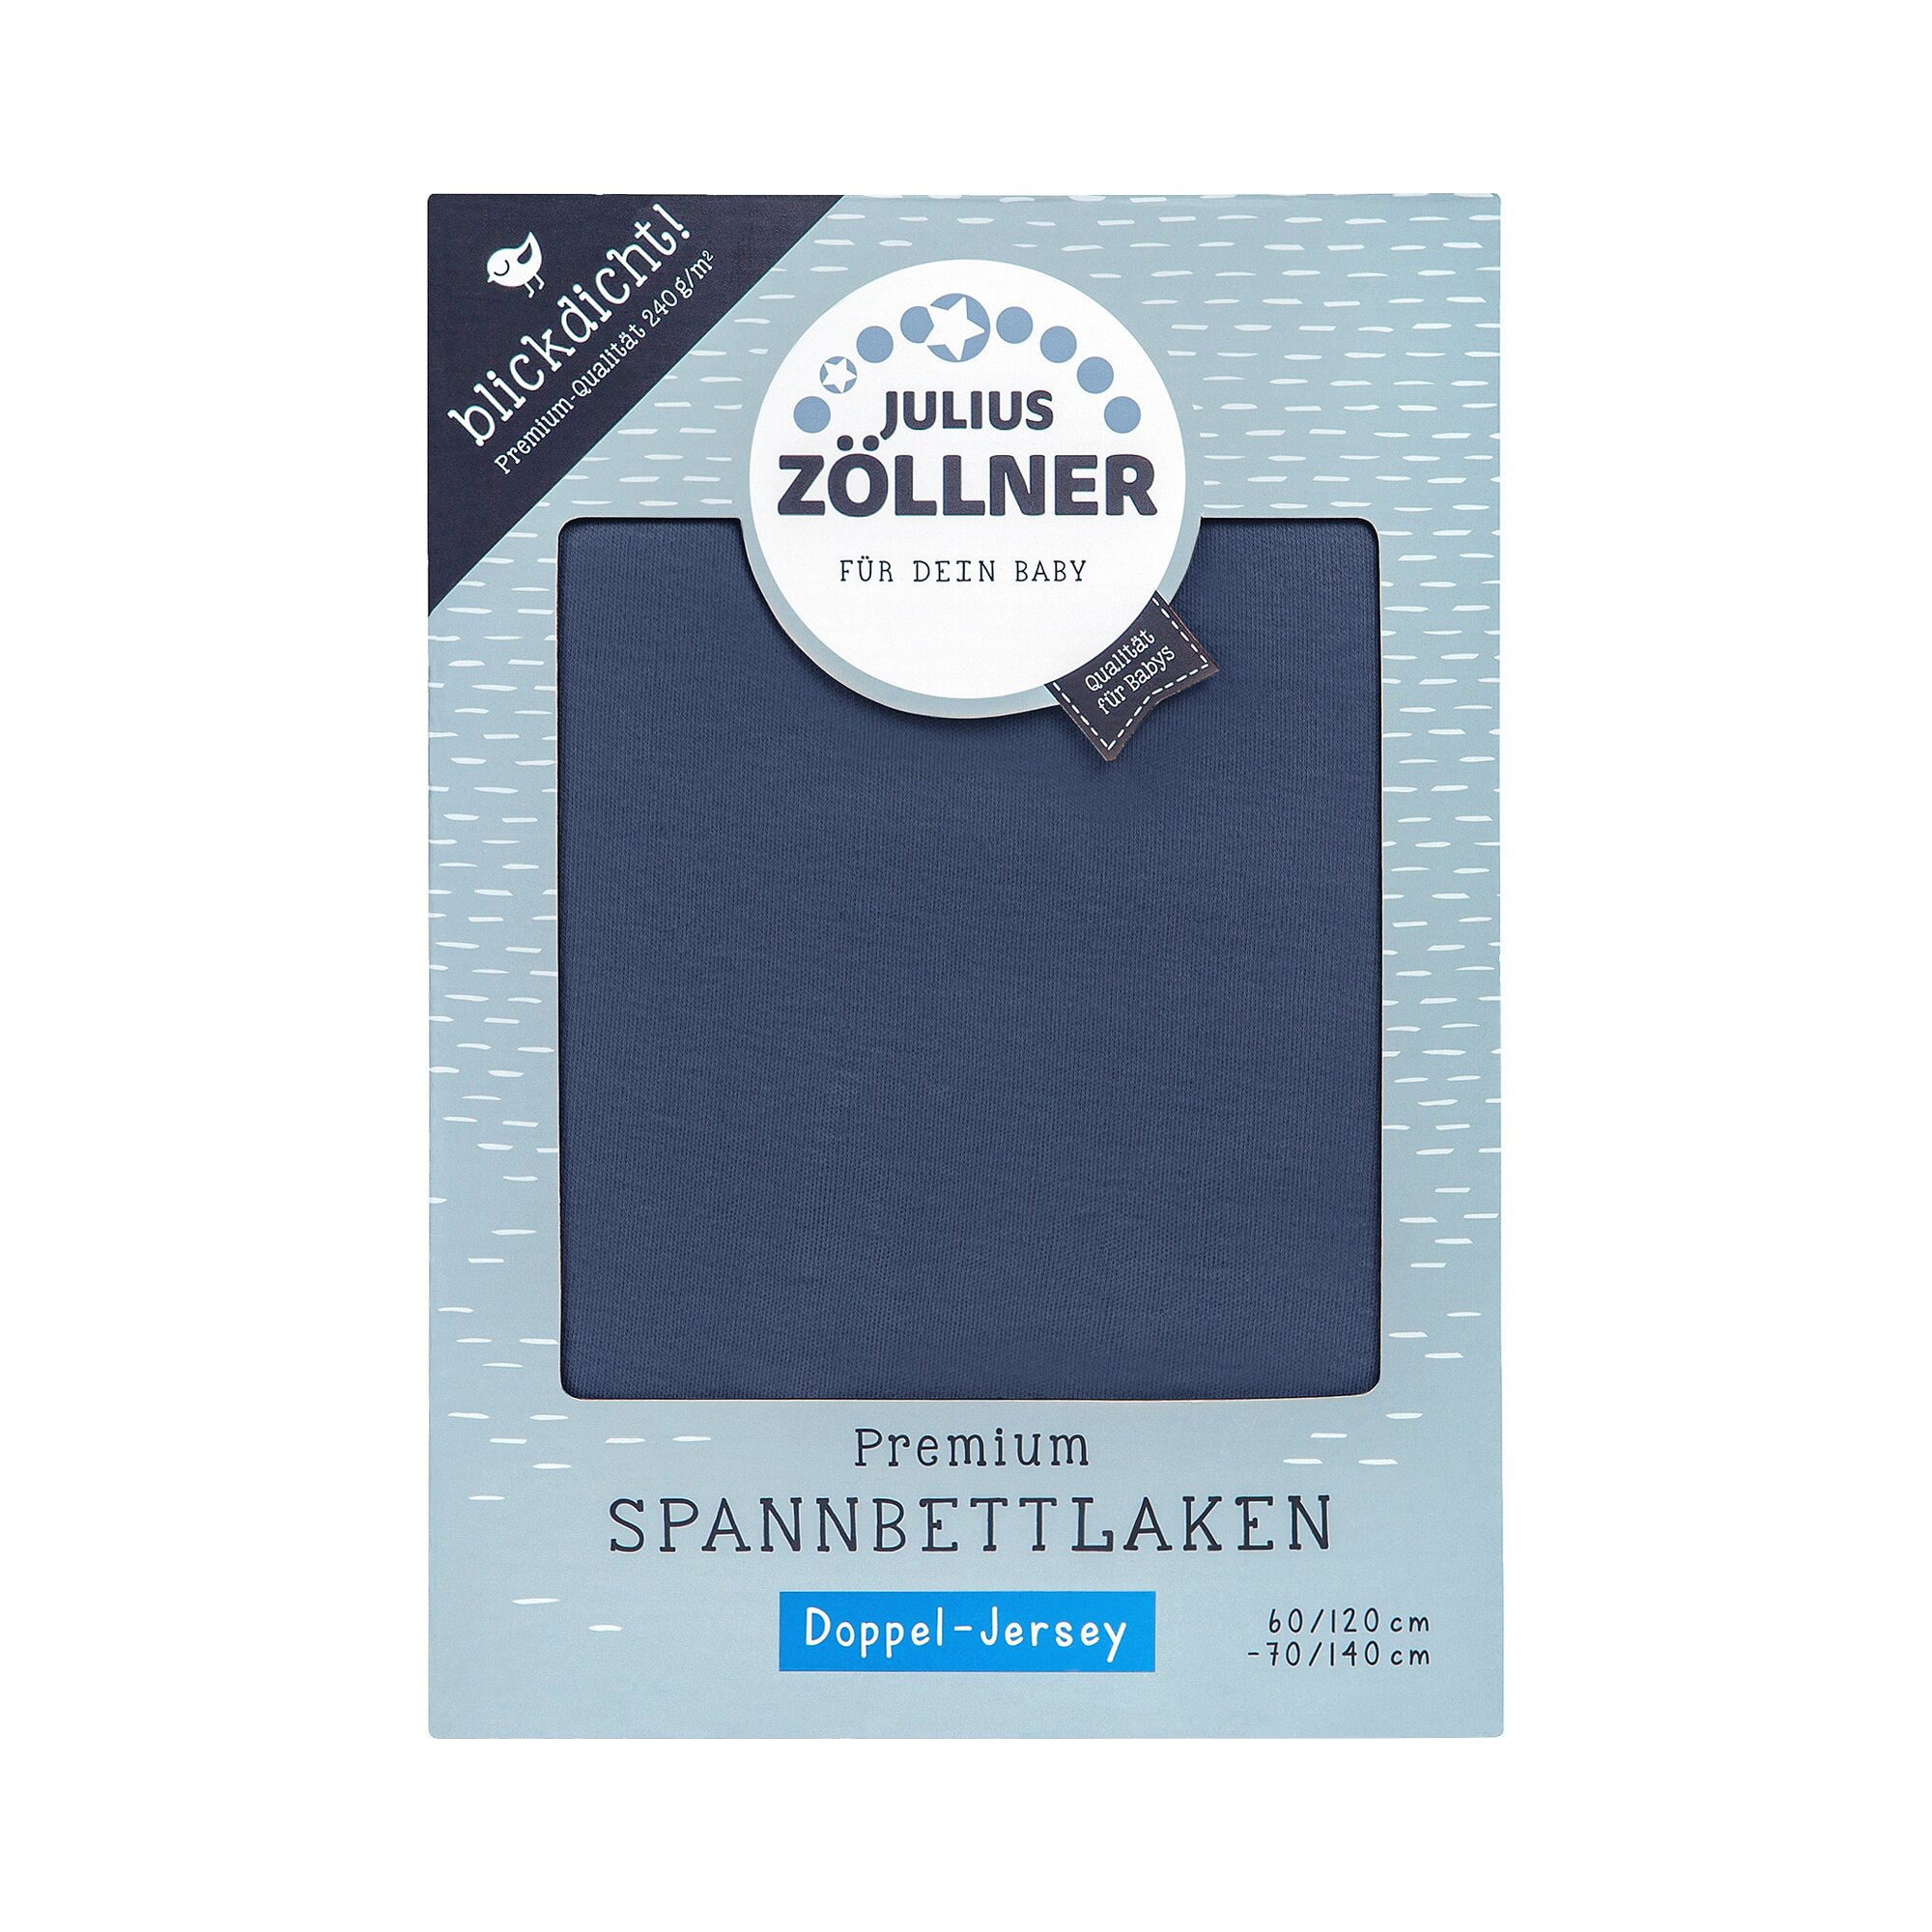 Julius Zöllner Doppeljersey-Spannbetttuch Premium 60/120 - 70/140 cm blau